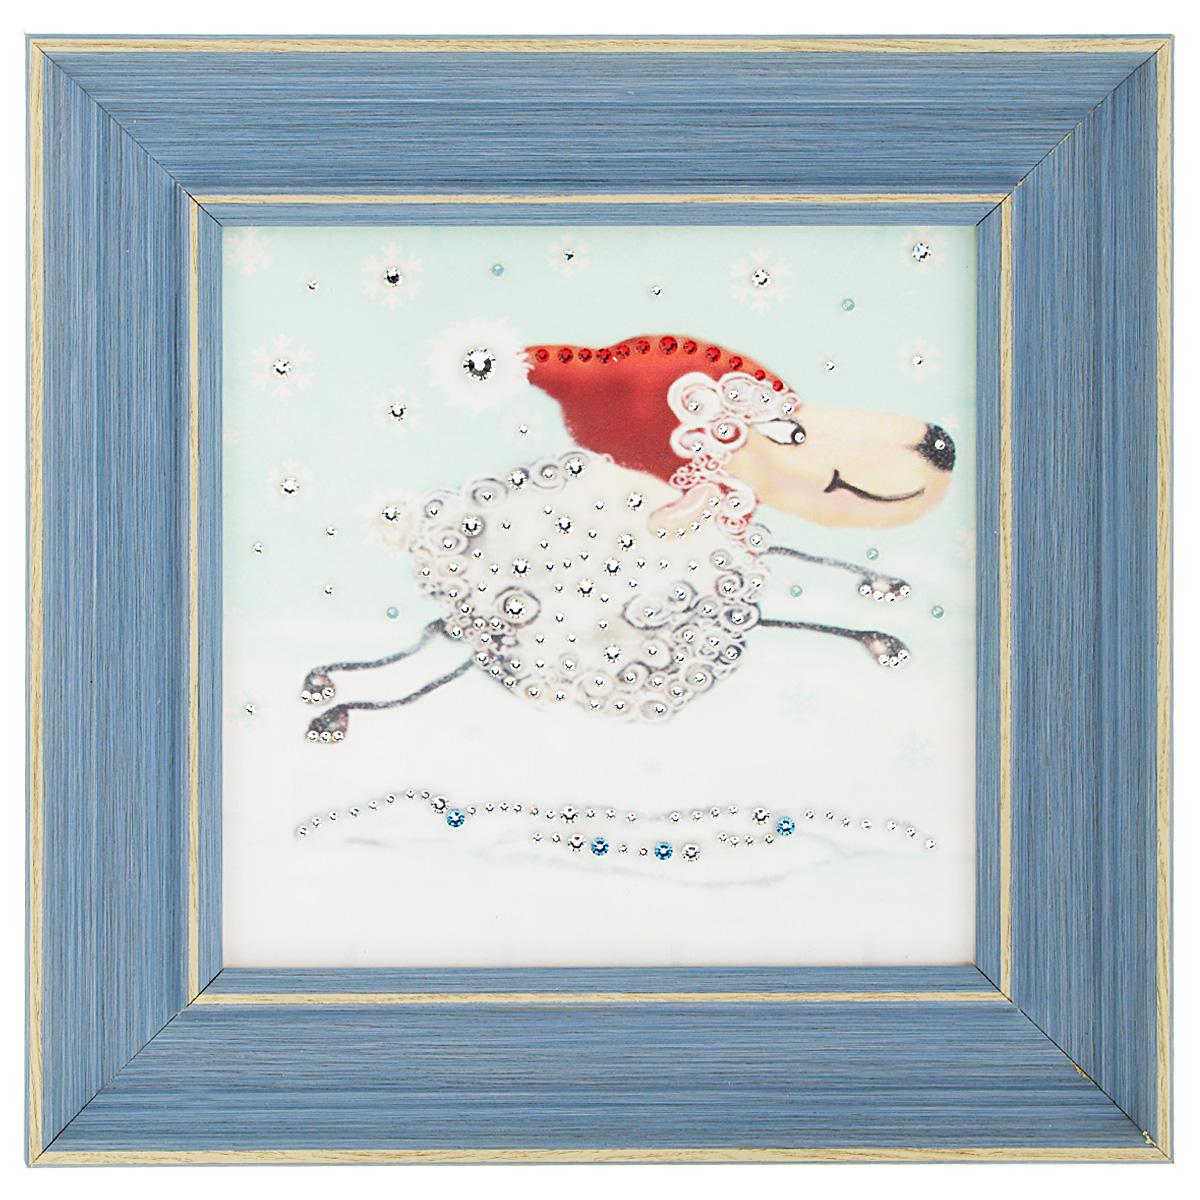 Картина с кристаллами Swarovski Праздник к нам приходит, 29 х 29 см1547Изящная картина в багетной раме, инкрустирована кристаллами Swarovski, которые отличаются четкой и ровной огранкой, ярким блеском и чистотой цвета. Красочное изображение бегущей овечки, расположенное под стеклом, прекрасно дополняет блеск кристаллов. С обратной стороны имеется металлическая петелька для размещения картины на стене. Картина с кристаллами Swarovski Праздник к нам приходит элегантно украсит интерьер дома или офиса, а также станет прекрасным подарком, который обязательно понравится получателю. Блеск кристаллов в интерьере, что может быть сказочнее и удивительнее. Картина упакована в подарочную картонную коробку синего цвета и комплектуется сертификатом соответствия Swarovski.